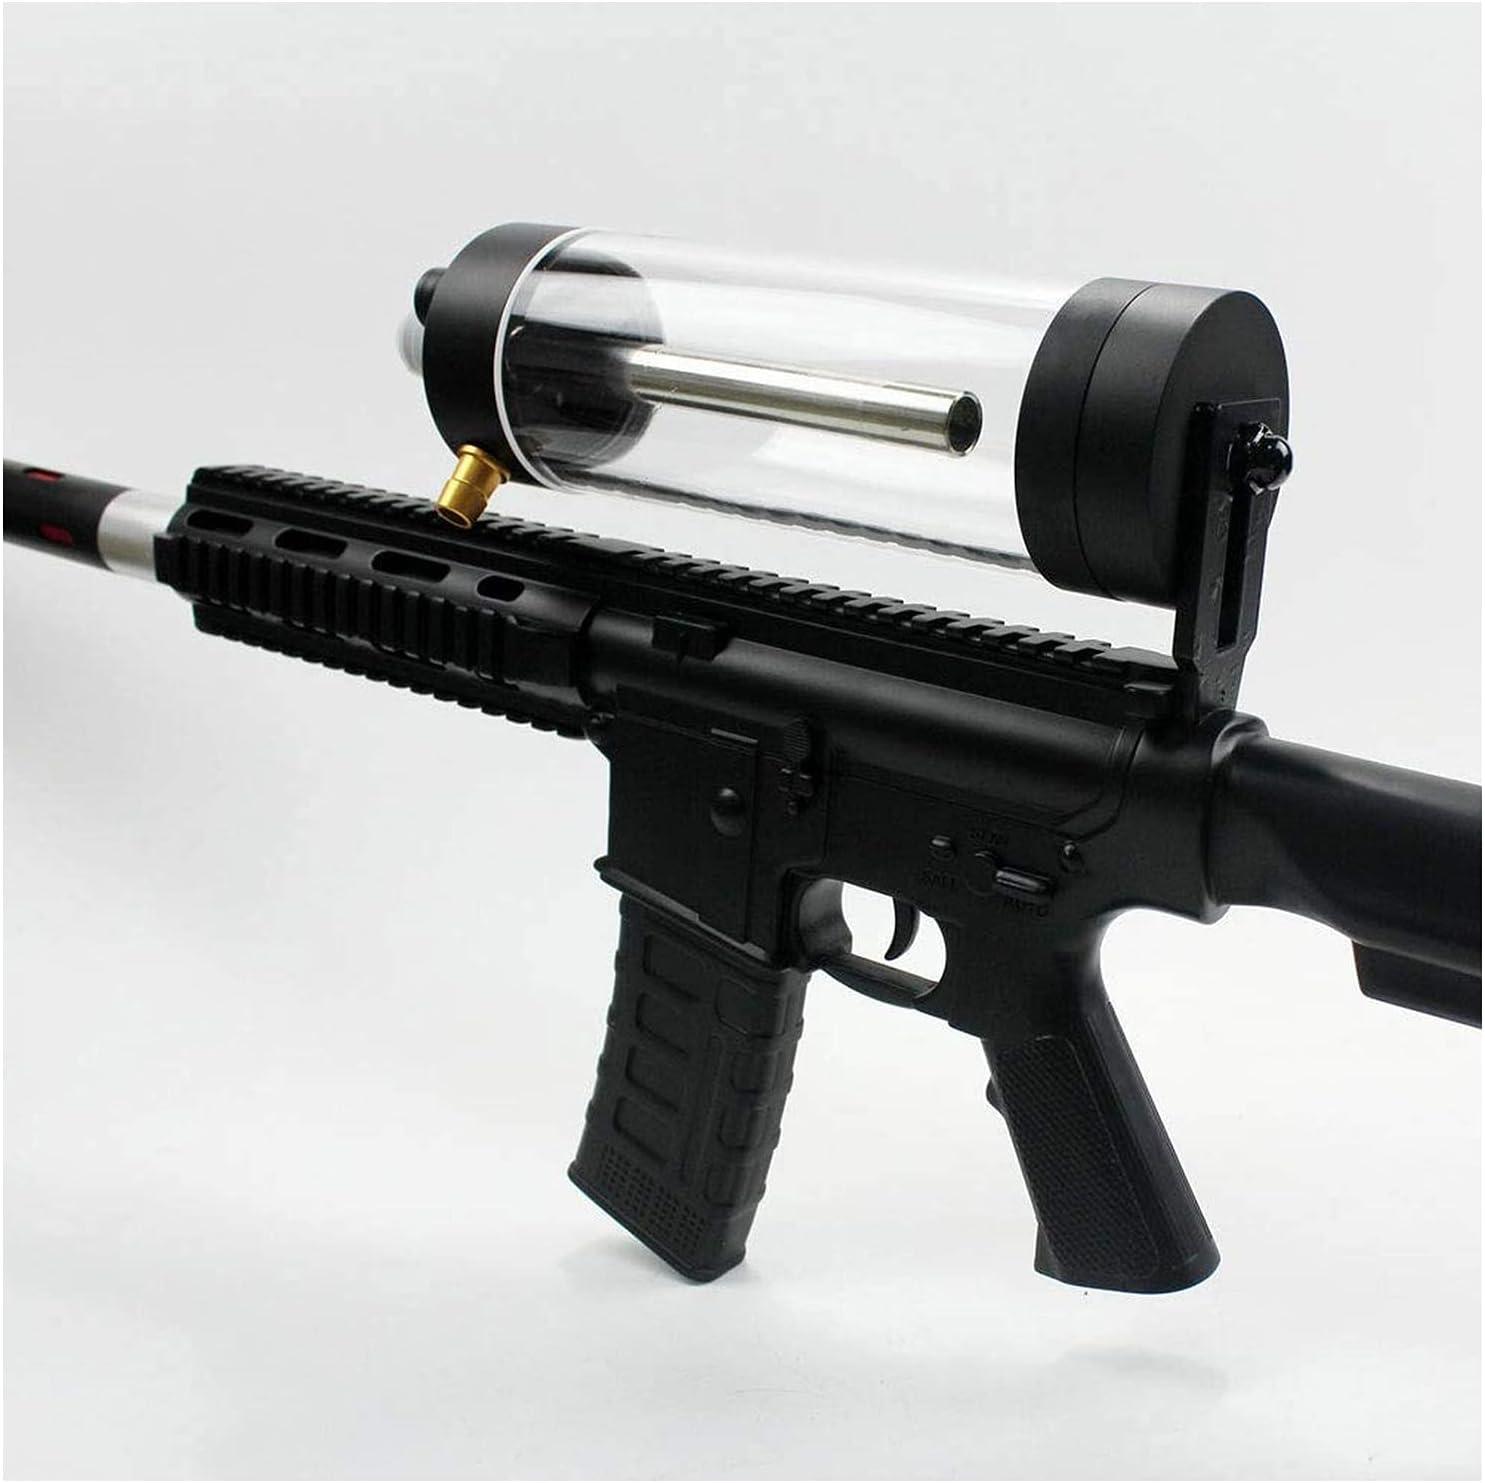 Conjunto de cachimba M416 Shisha Water Pipe Hookah Accesorios Complete una manguera LED luces Silicone Hookah Bowl Pinzas de carbono